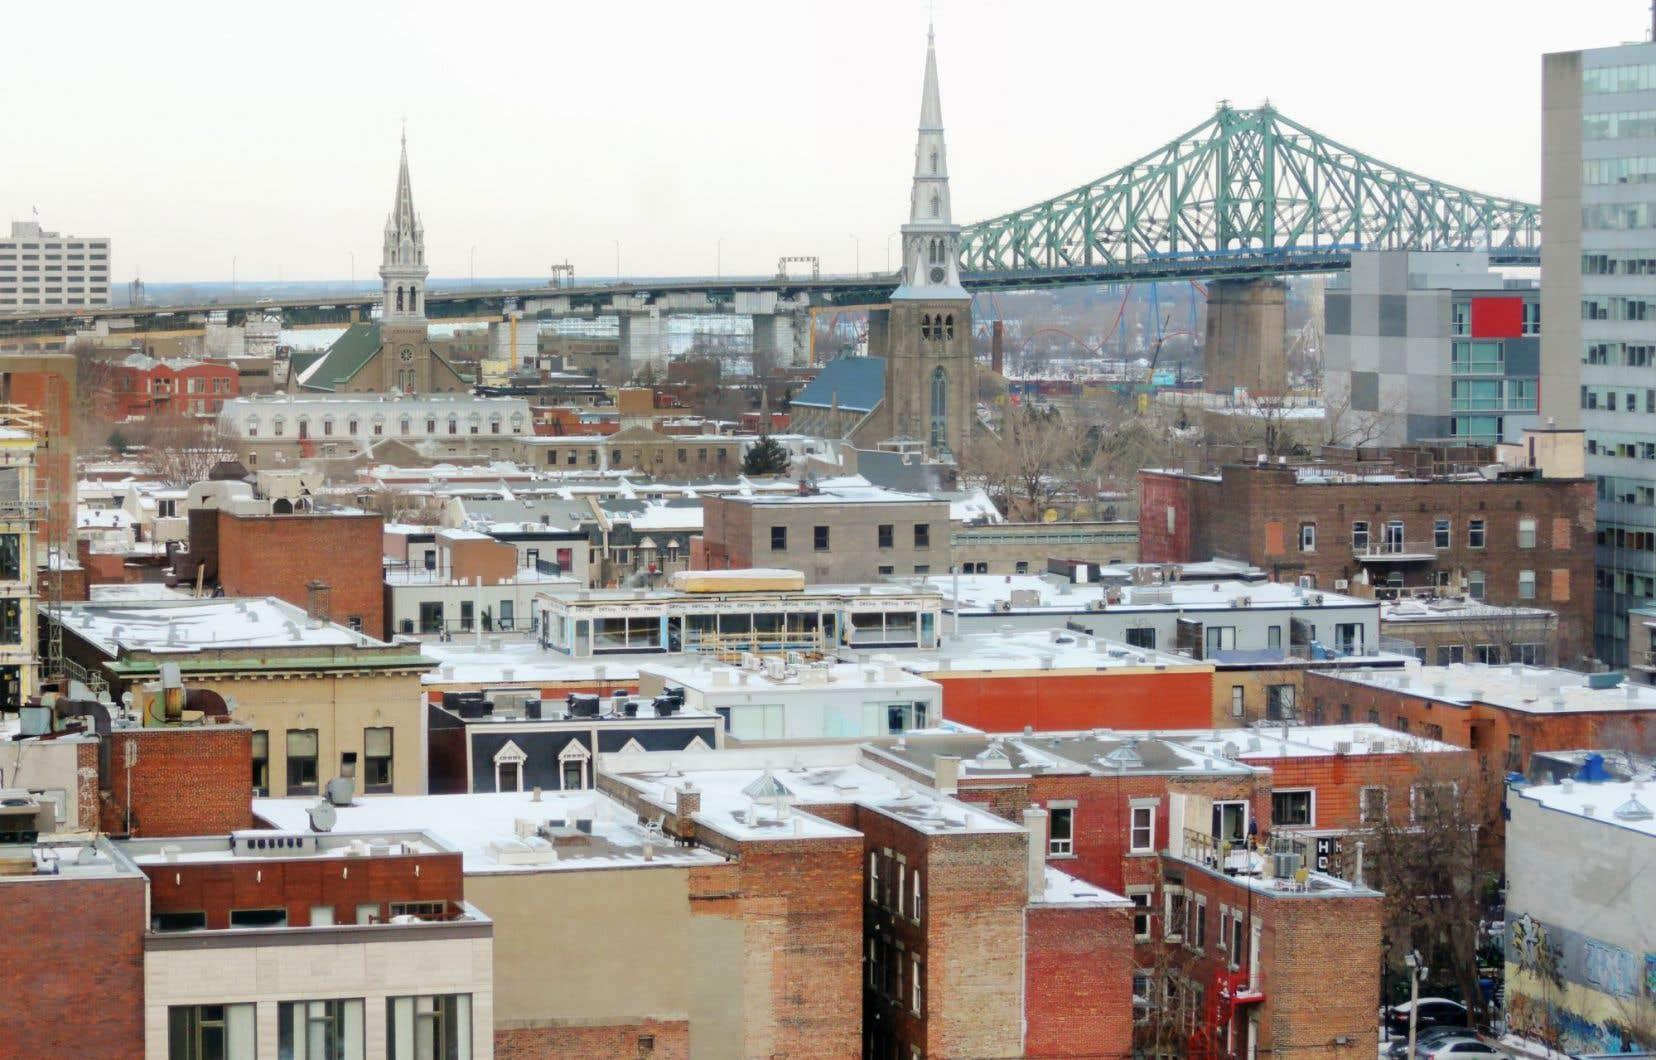 Le projet de loi 122 introduit une modification majeure à ces règles du jeu et prévoit l'abolition de tout recours référendaire citoyen pour Montréal et Québec.